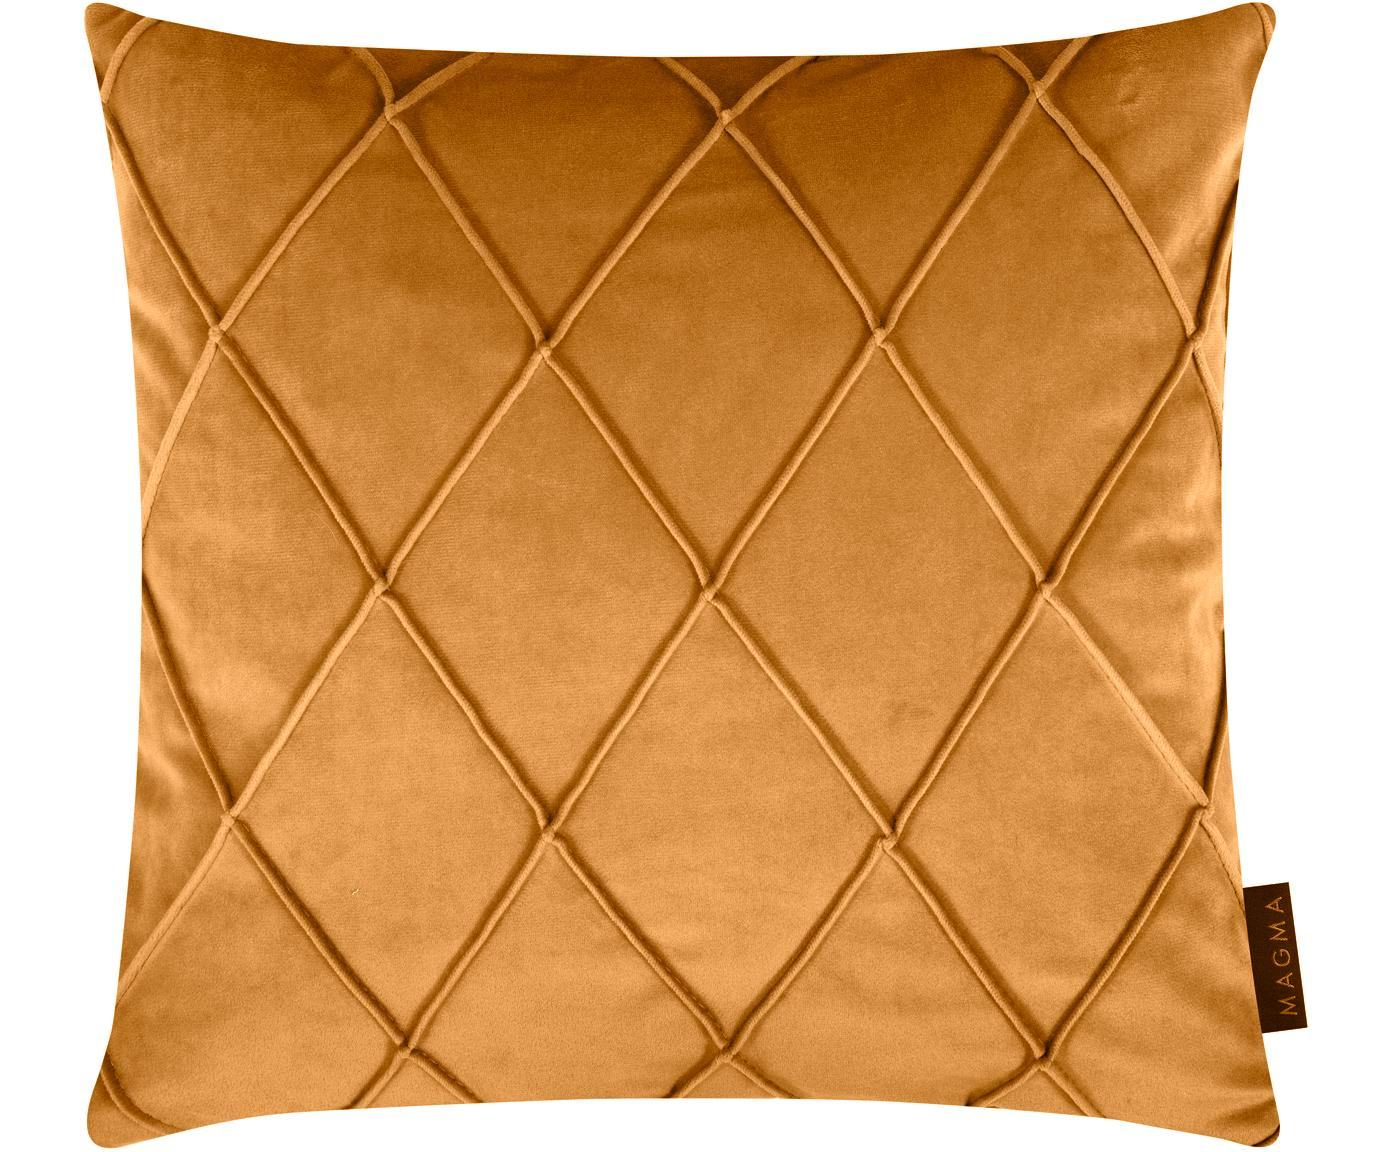 Samt-Kissenhülle Nobless mit erhabenem Rautenmuster, 100% Polyestersamt, Gelb, 40 x 40 cm